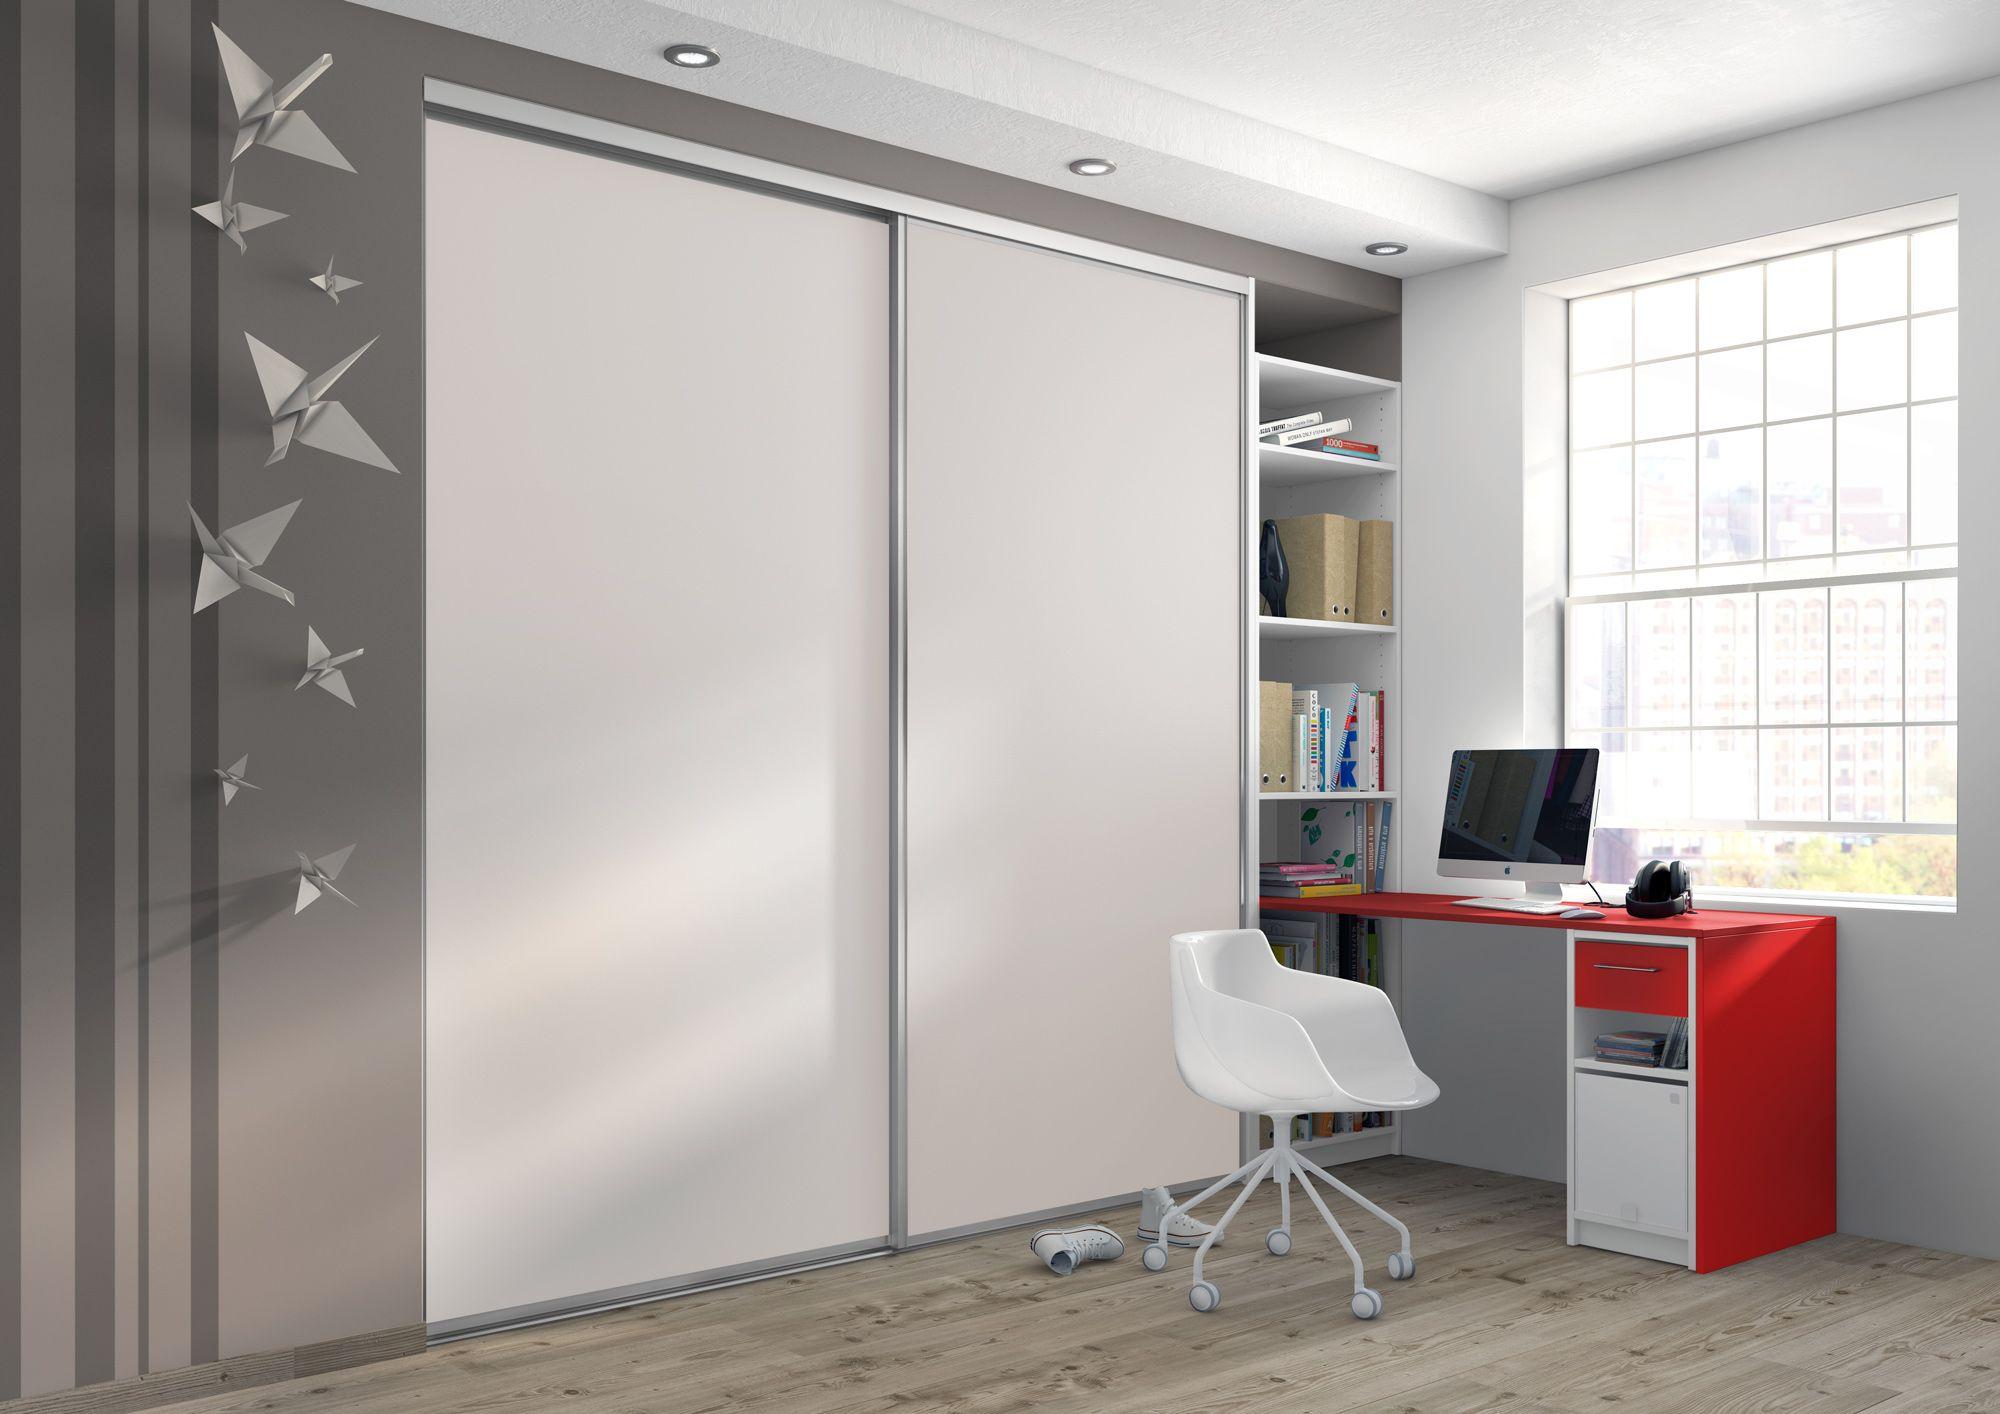 Ante scorrevoli per armadi a muro ikea trendy armadio angolare con cabina with ante scorrevoli - Ikea armadio scorrevole ...